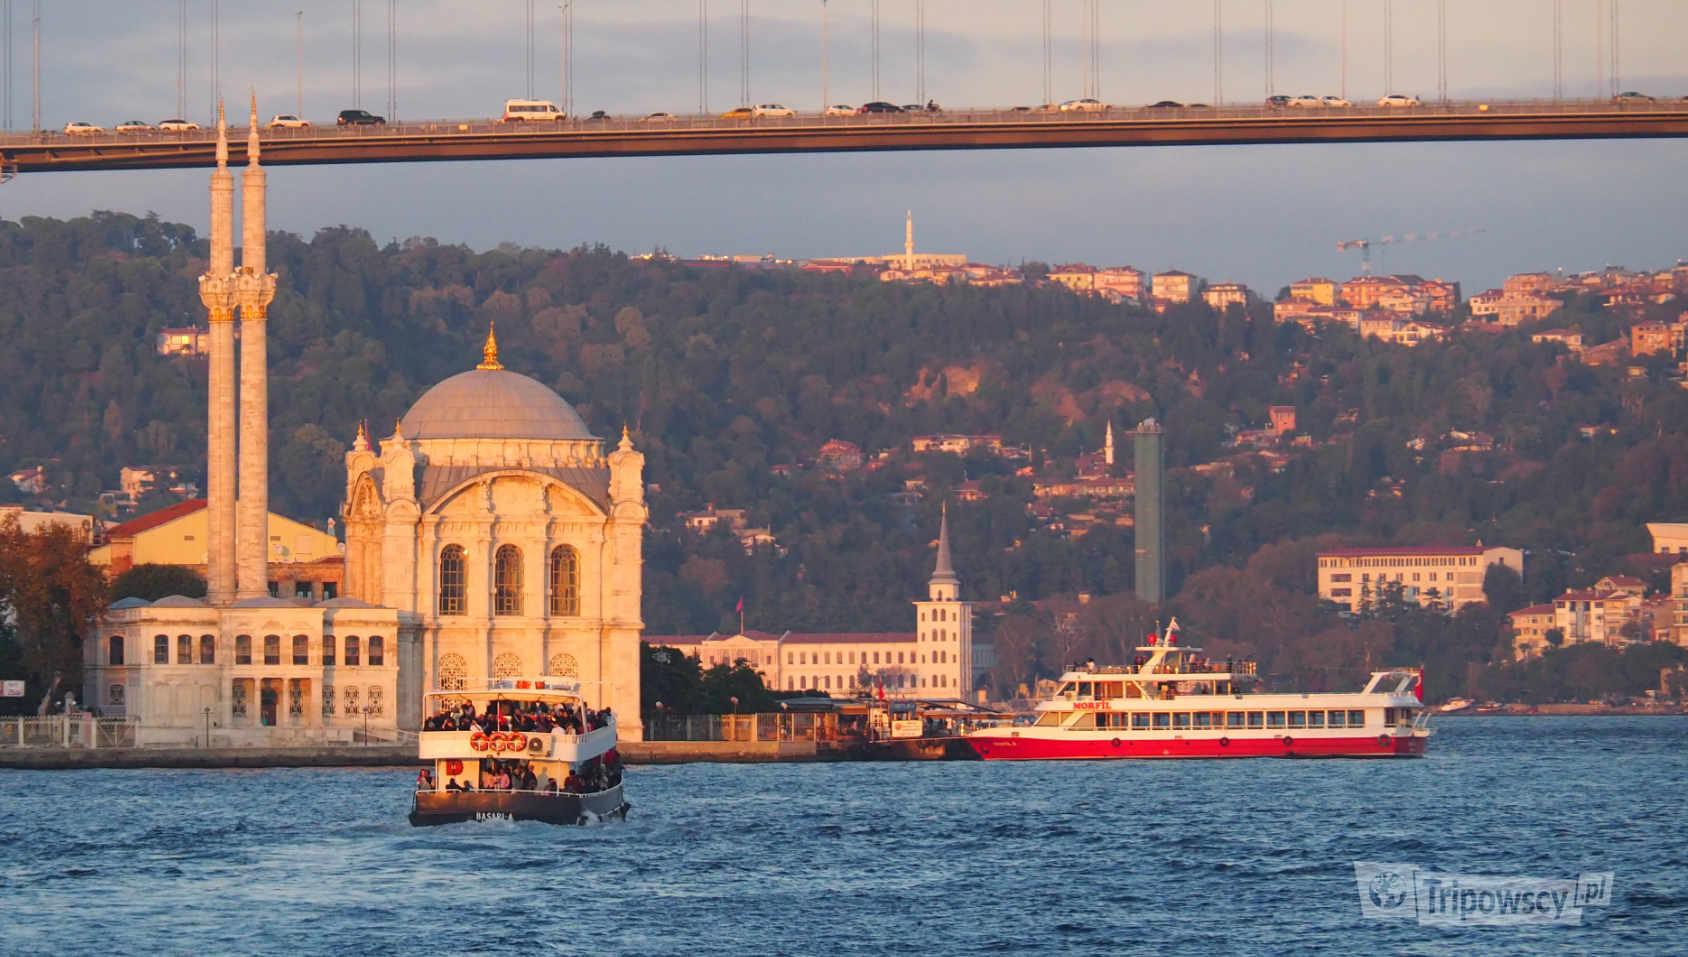 Meczet Ortaköy, do którego dopłynęliśmy promem